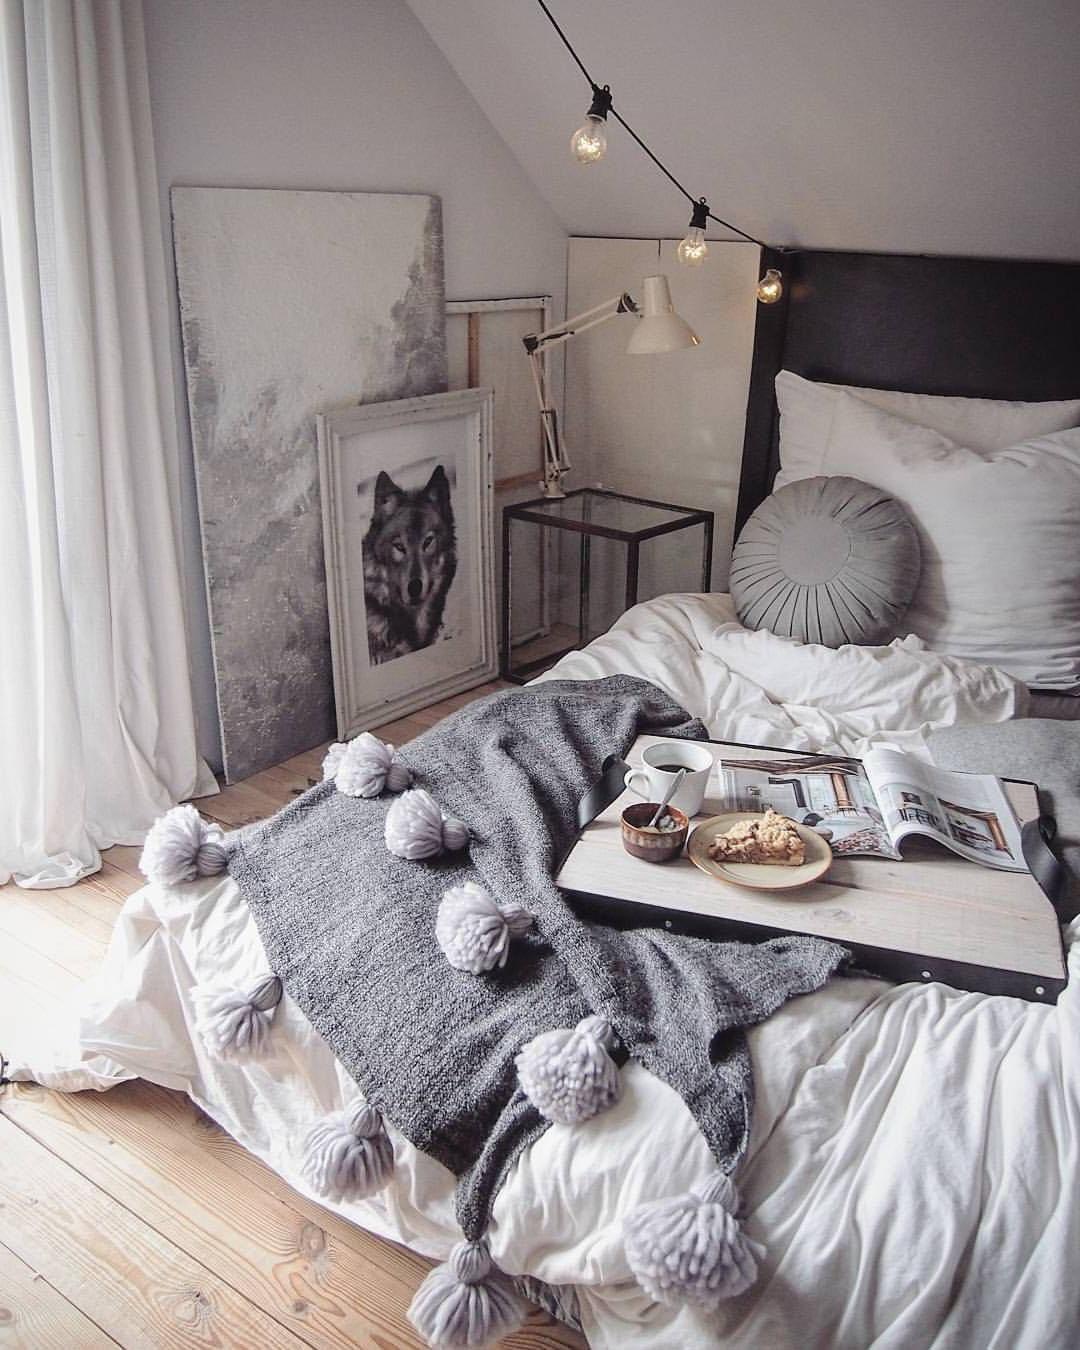 Deco chambre cocooning : notre sélection des plus belles chambres